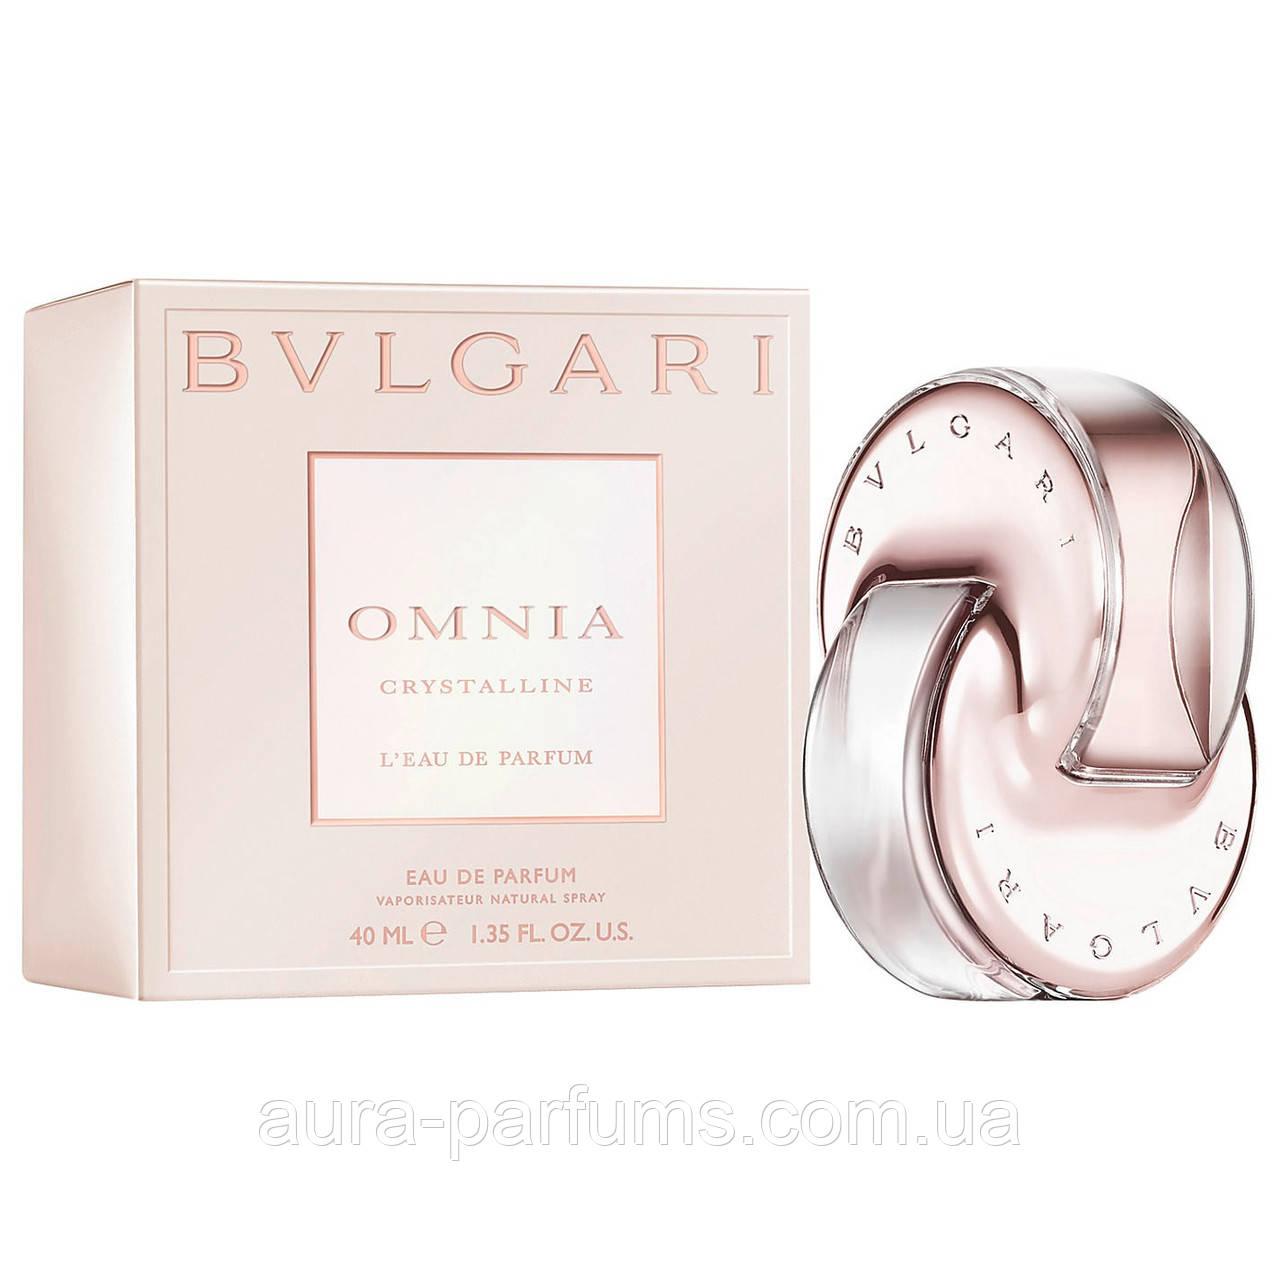 Bvlgari Omnia Crystalline L Eau De Parfum Edp люкс 65 Ml W лицензия